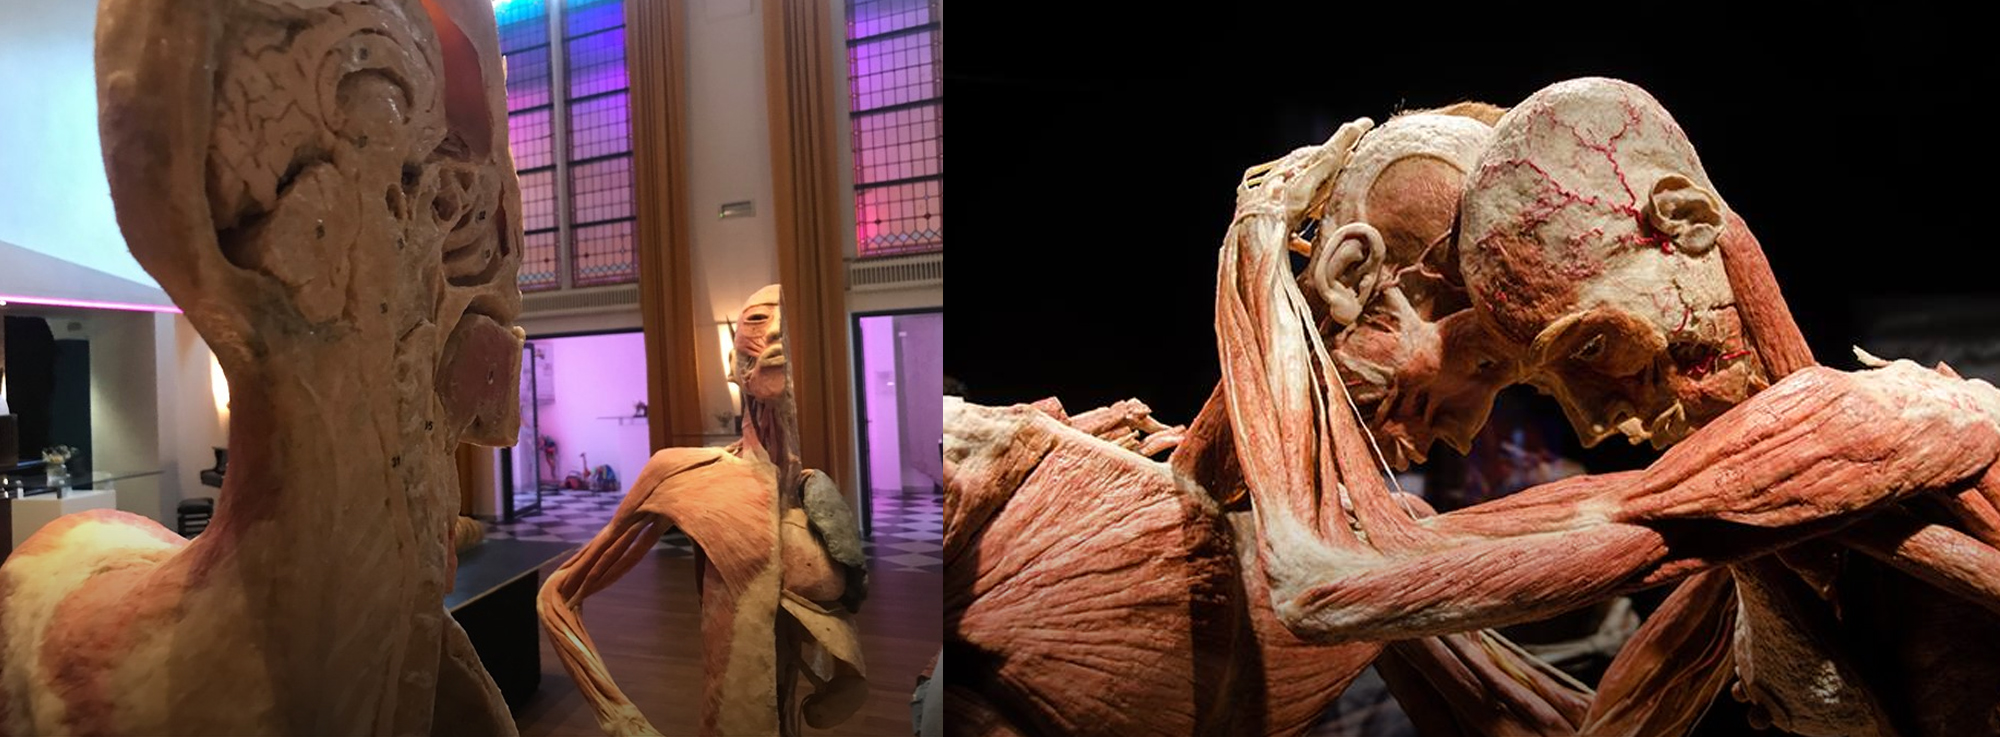 Barletta: Bodies Exhibition